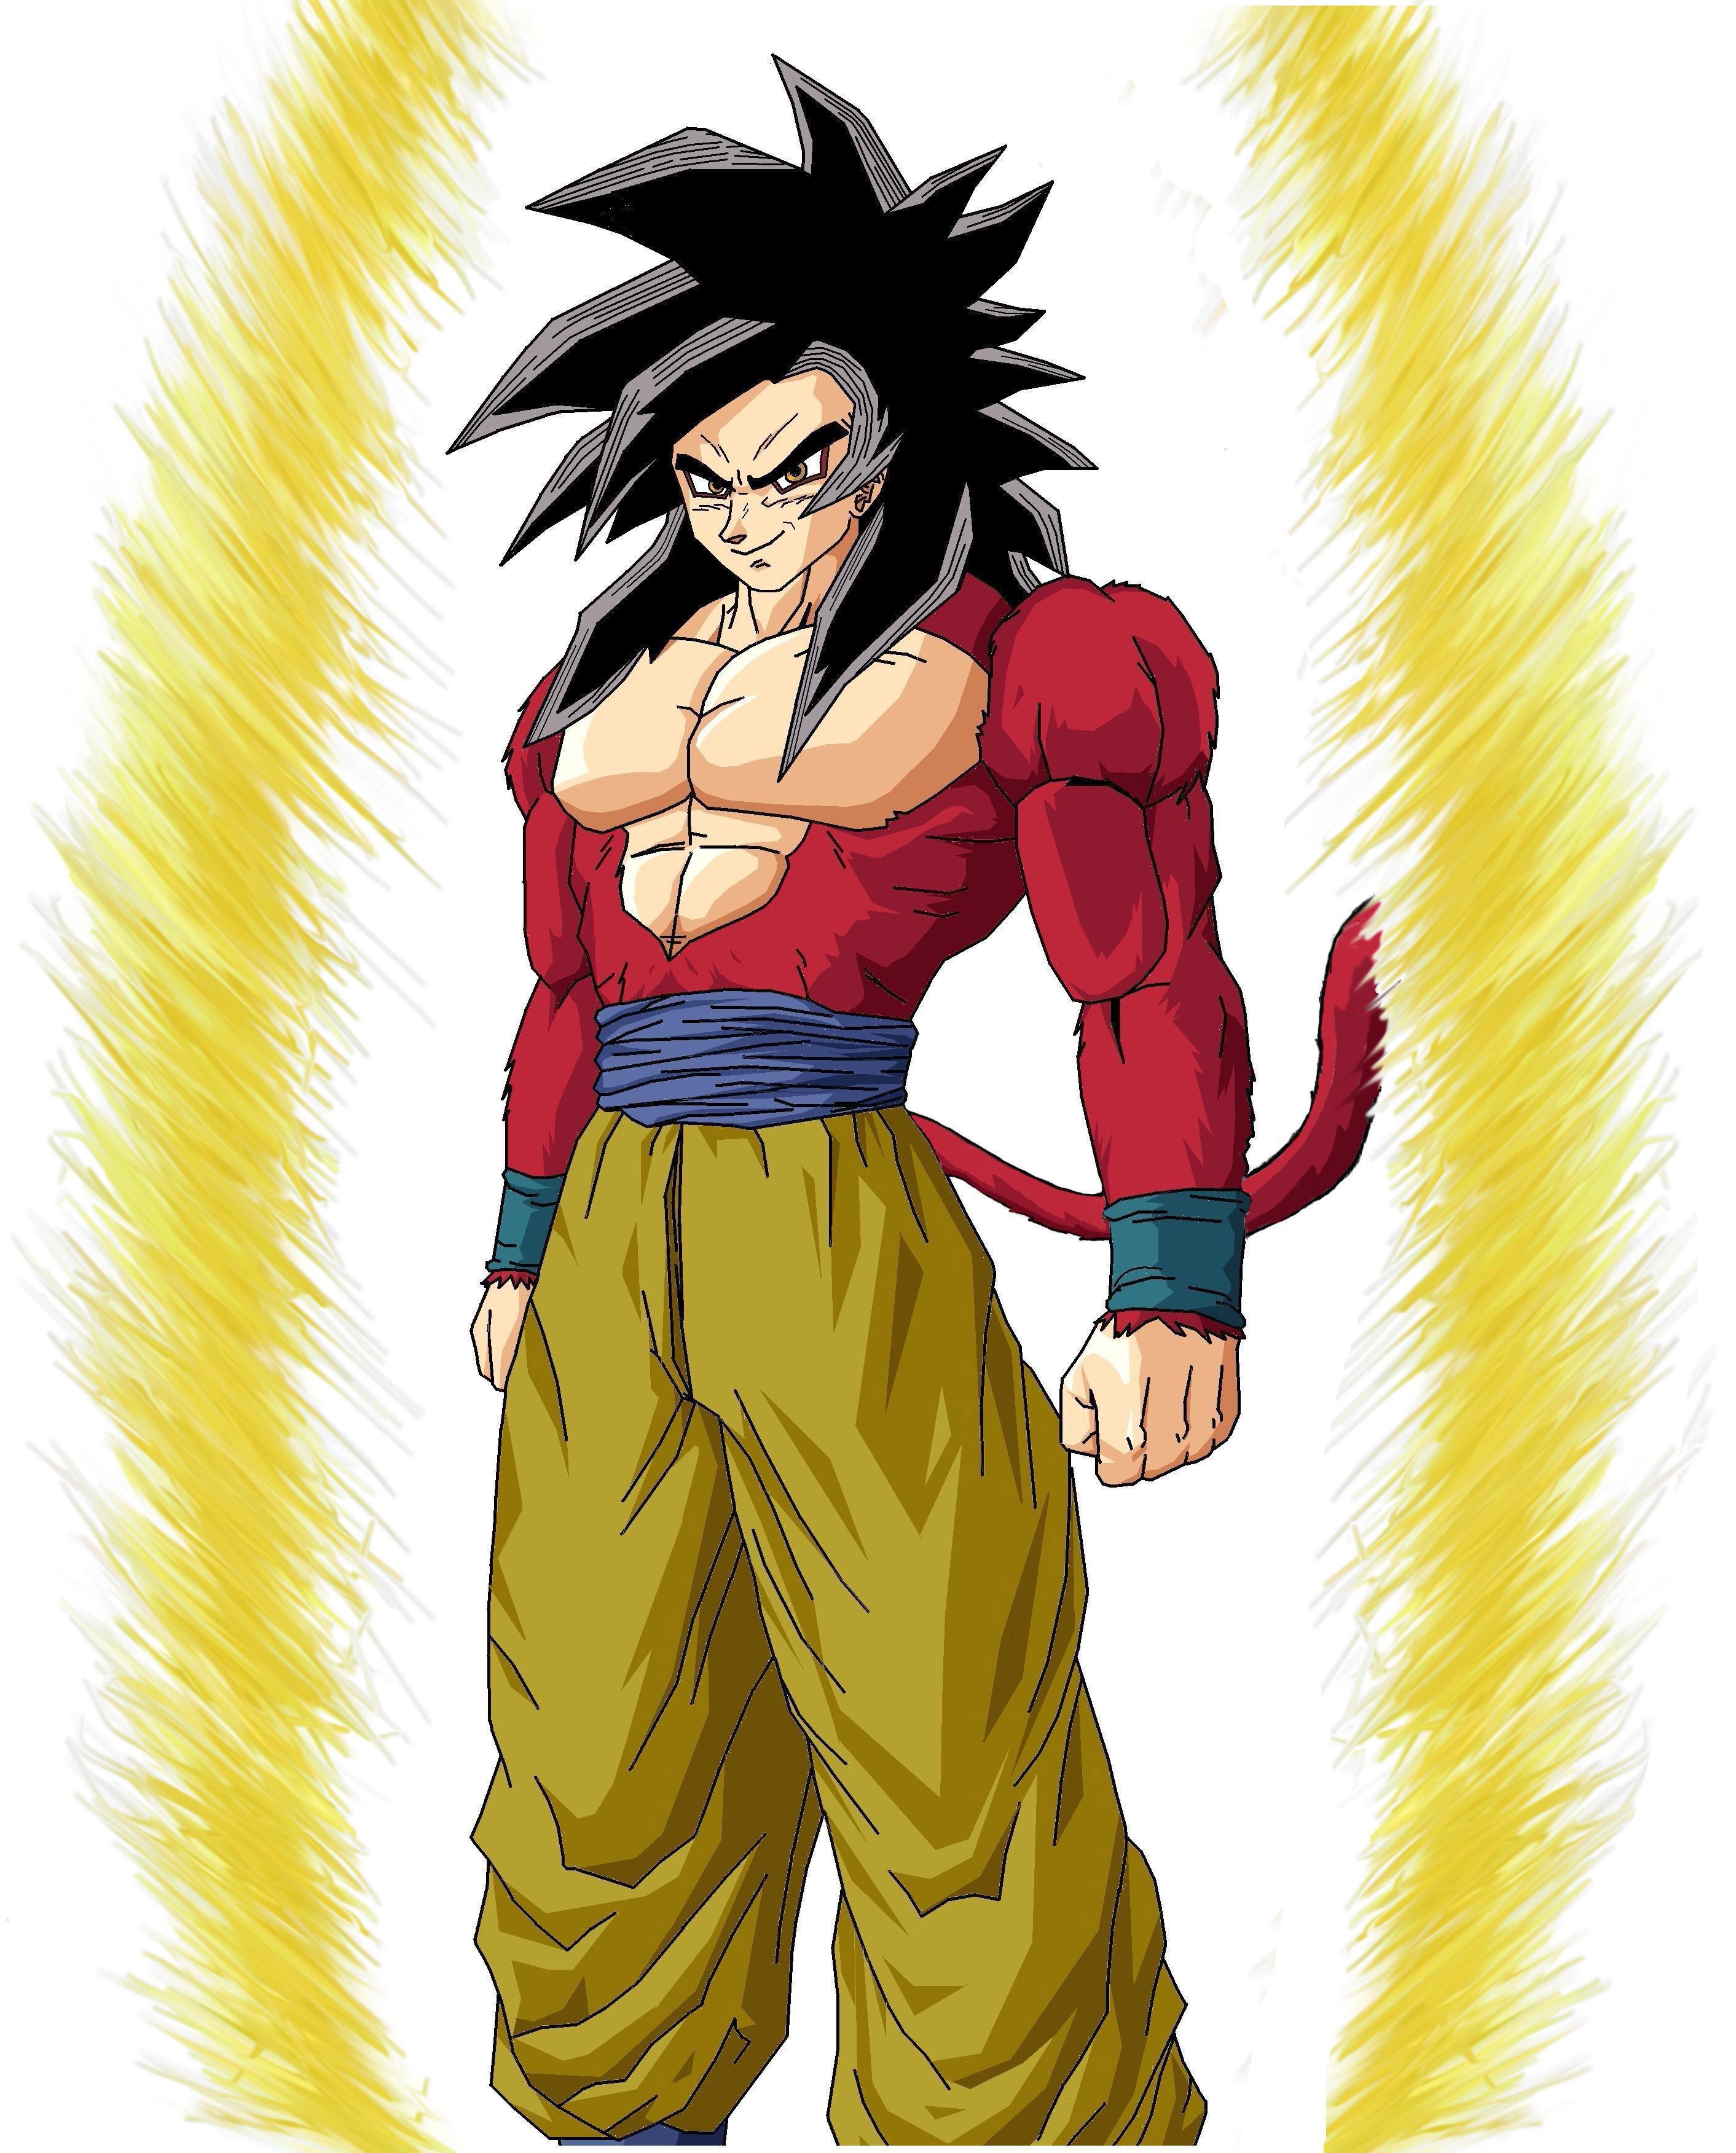 Goku Vs Garlic Jr Dreager1 Com By goku jr., you mean goten? dreager1 com